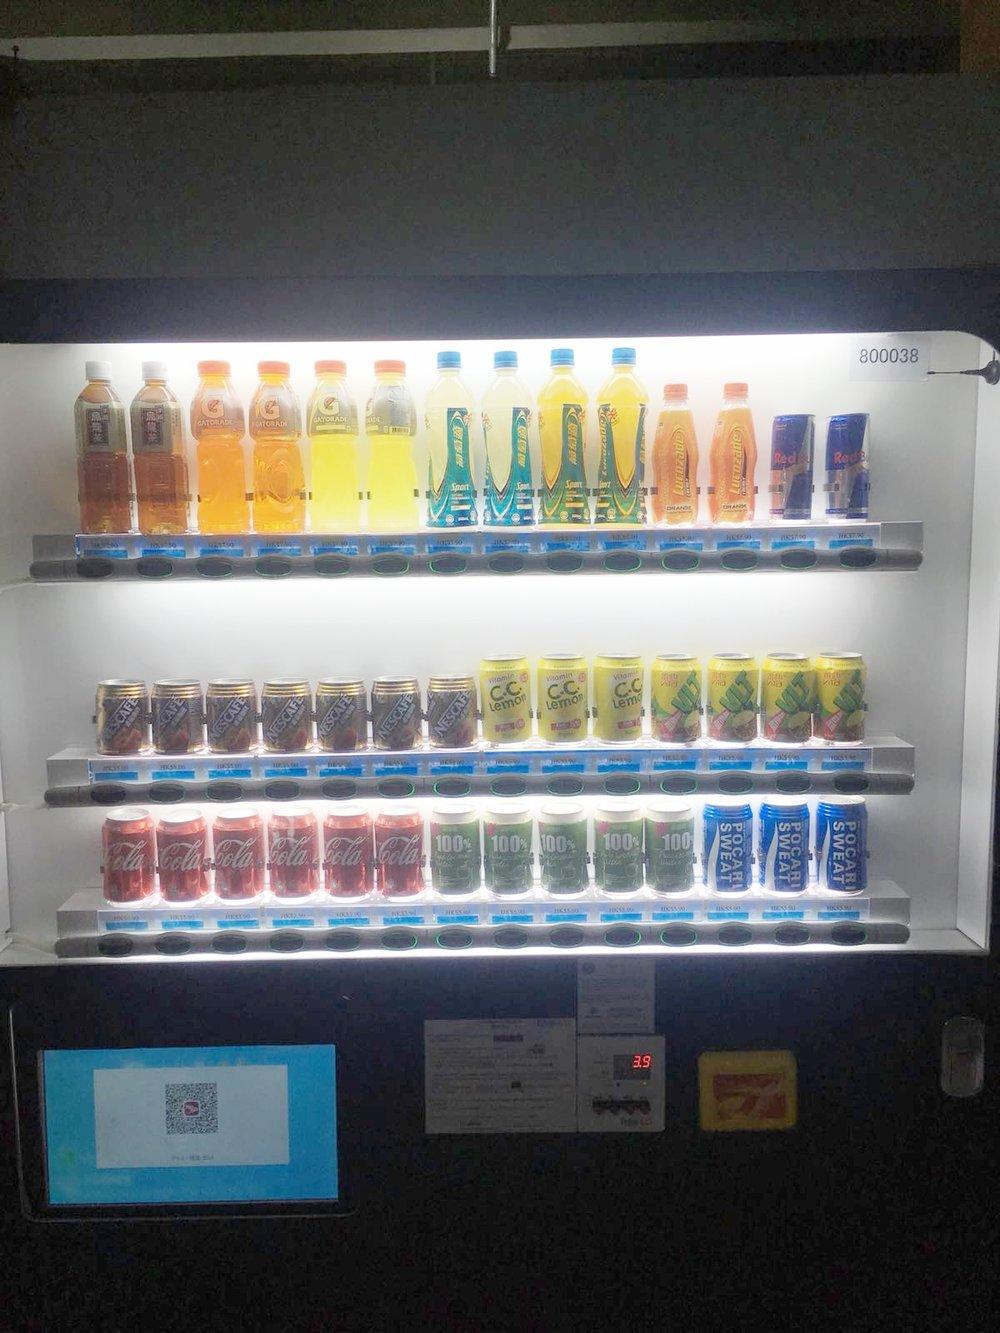 FreshUp,自動售賣機,自動販賣機,零食,飲品,方便,快捷,智能,企業,公司,信任,俊和